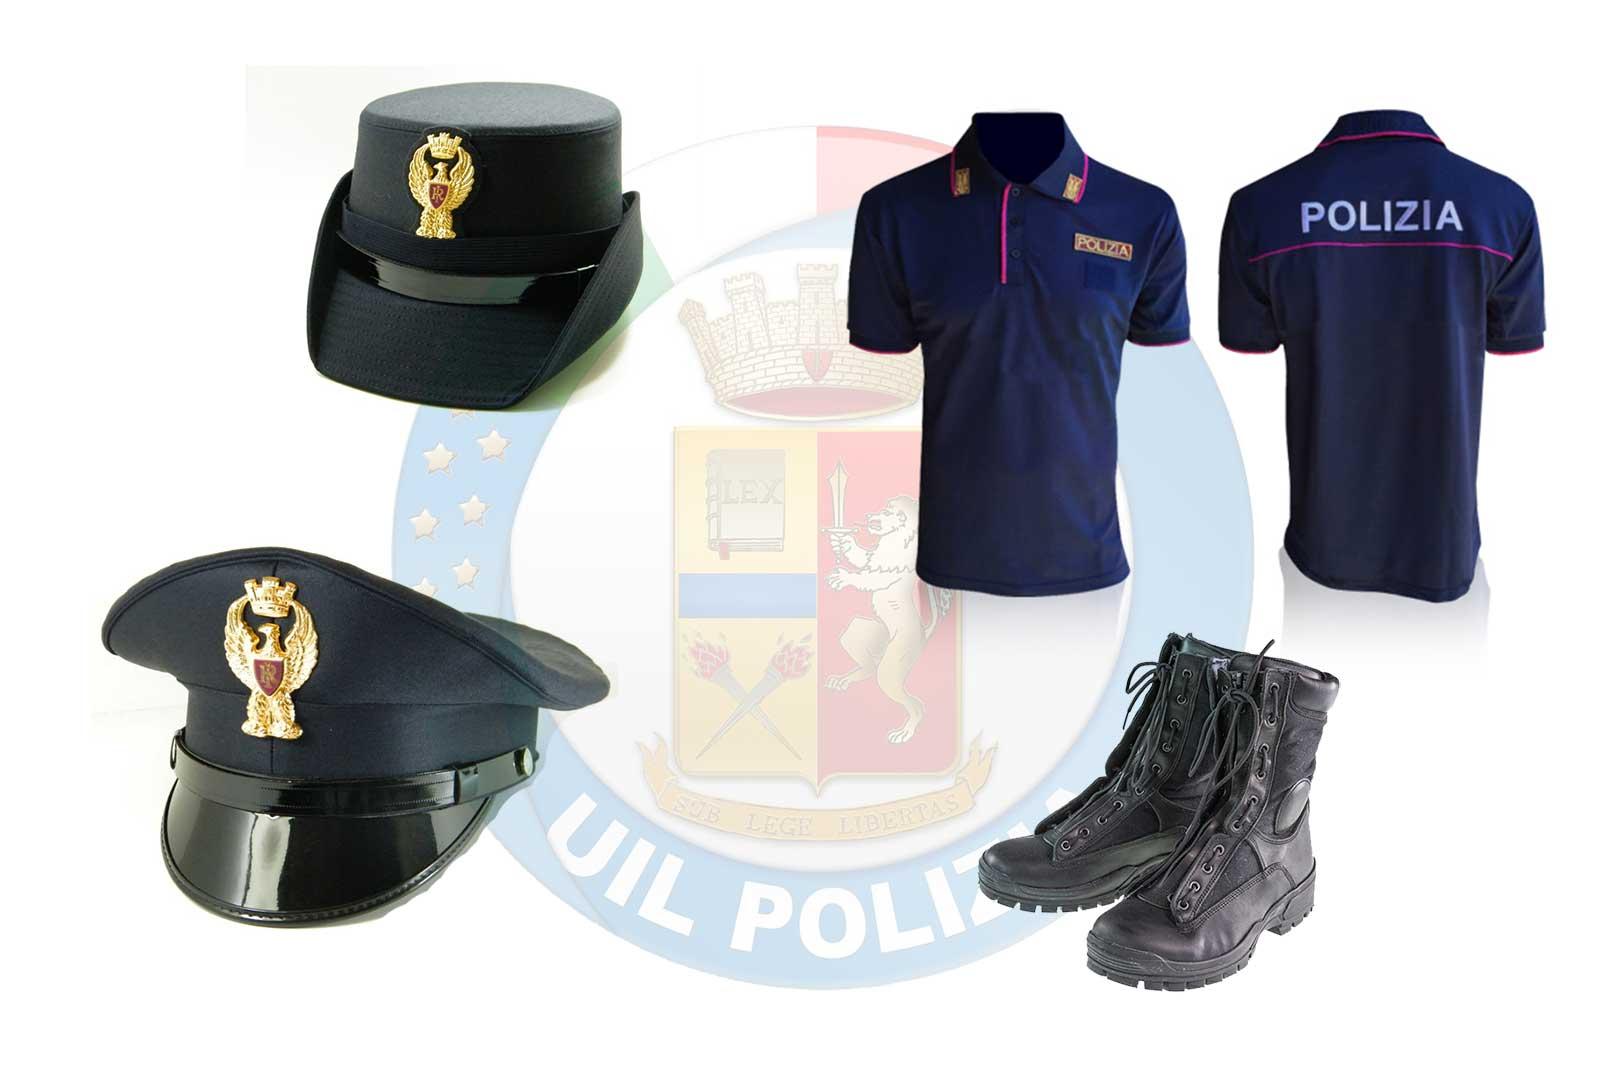 Home uil polizia for Commissario esterno esami di stato rinuncia